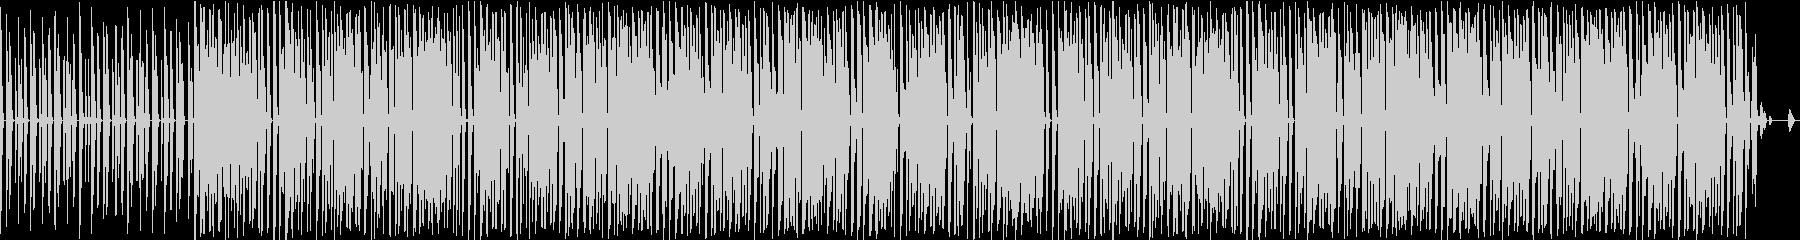 夏にピッタリ♫reggae 01 の未再生の波形